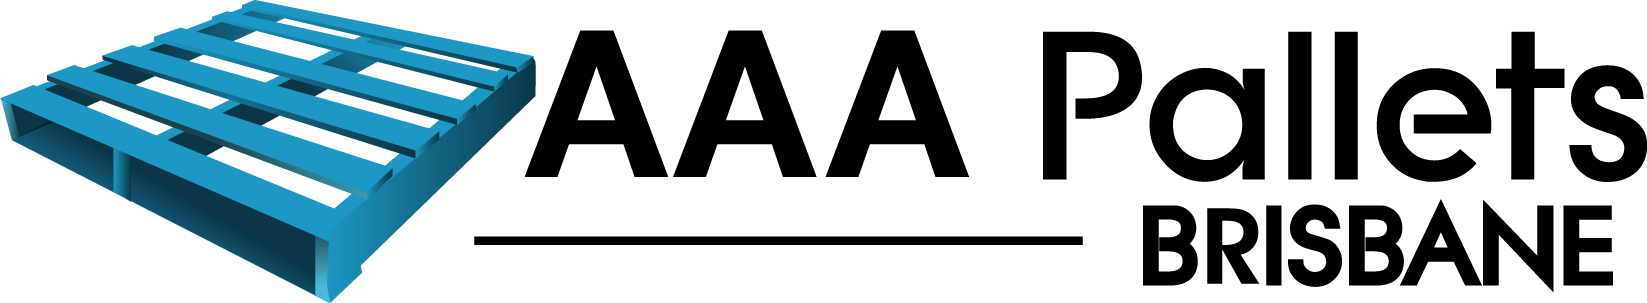 AAAPalletsVC33aA04b